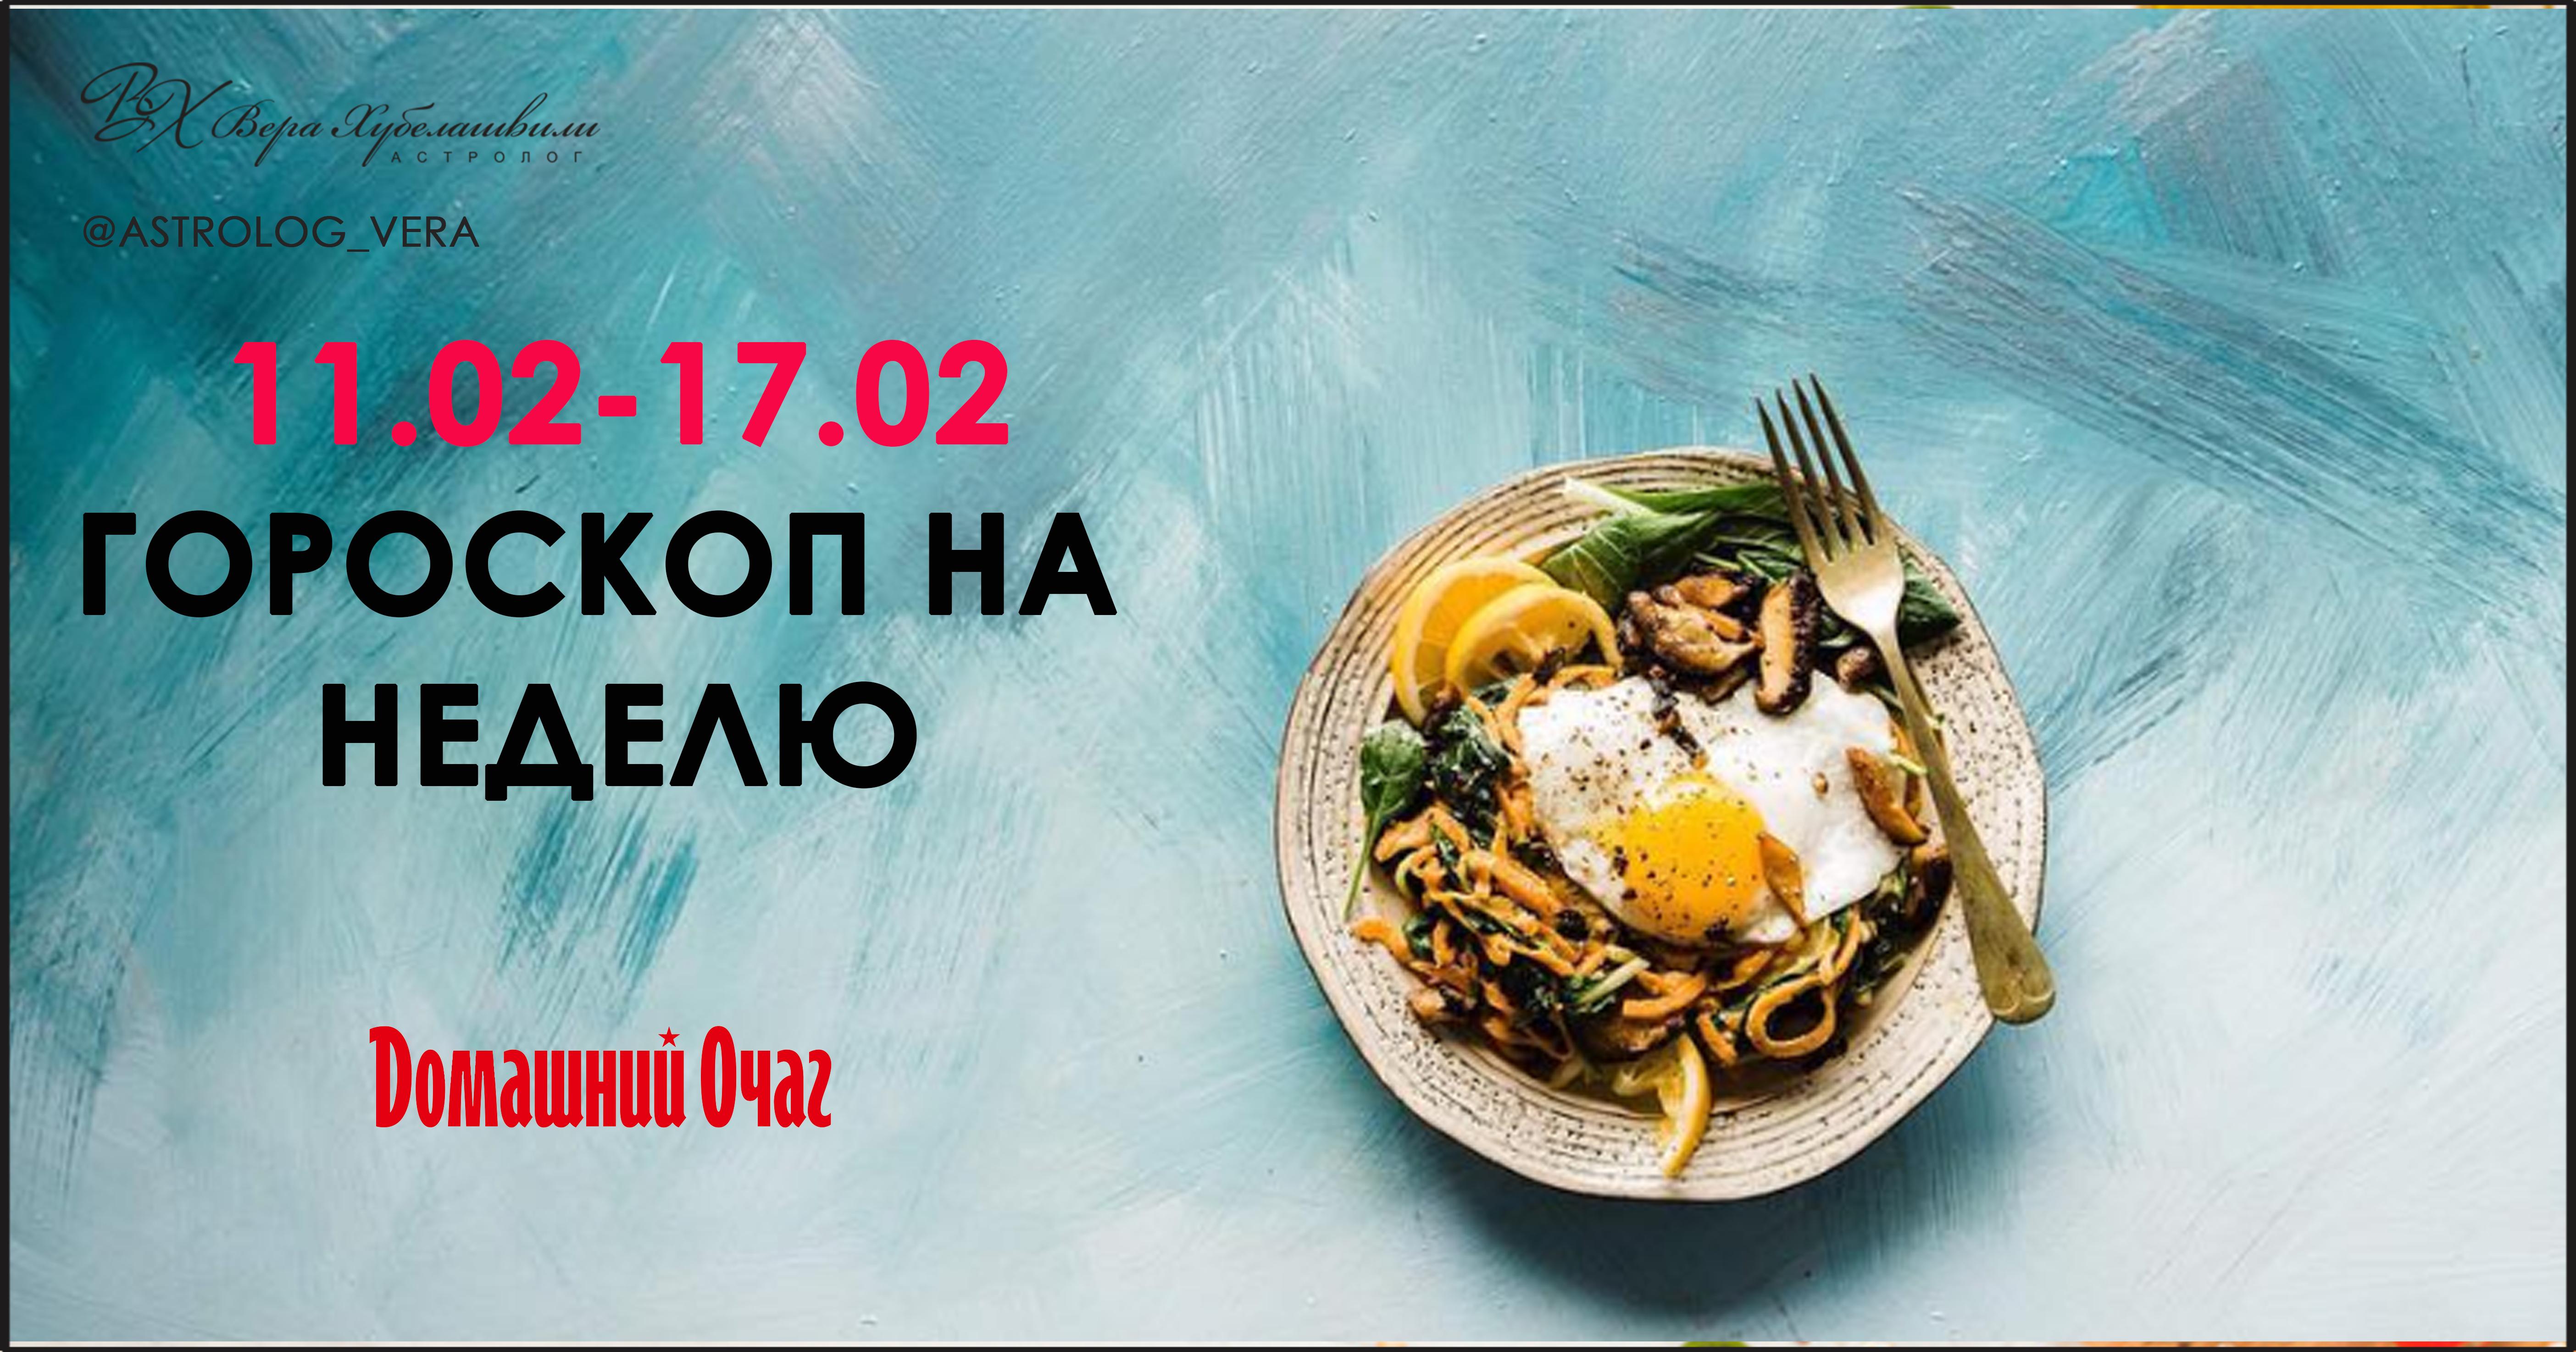 АСТРОЛОГИЧЕСКИЙ ПРОГНОЗ 11 ФЕВРАЛЯ - 17 ФЕВРАЛЯ 2019 (ДОМАШНИЙ ОЧАГ)